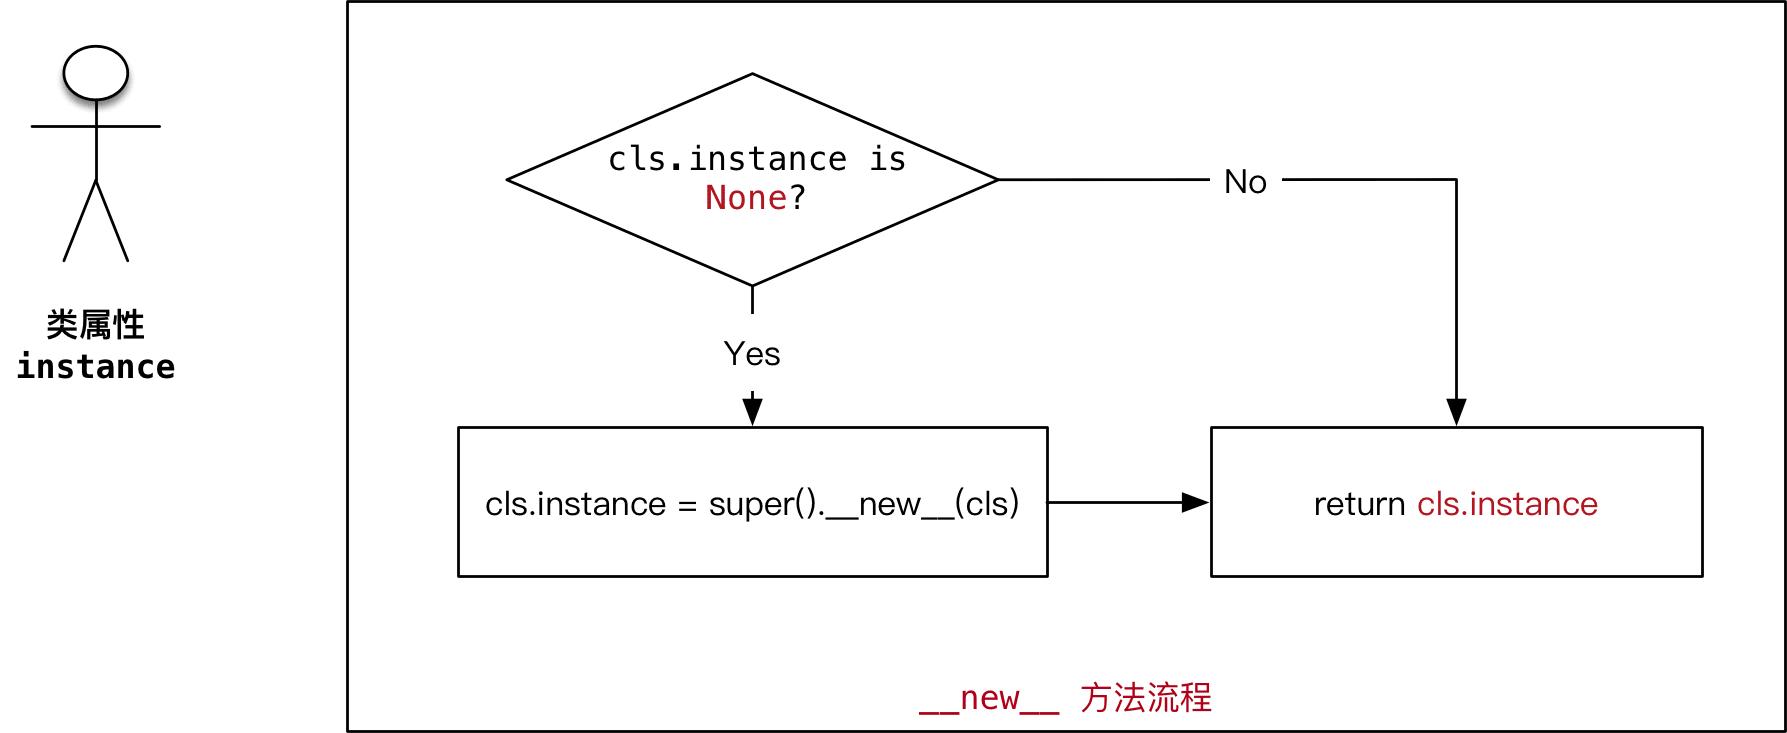 023_单例流程.png